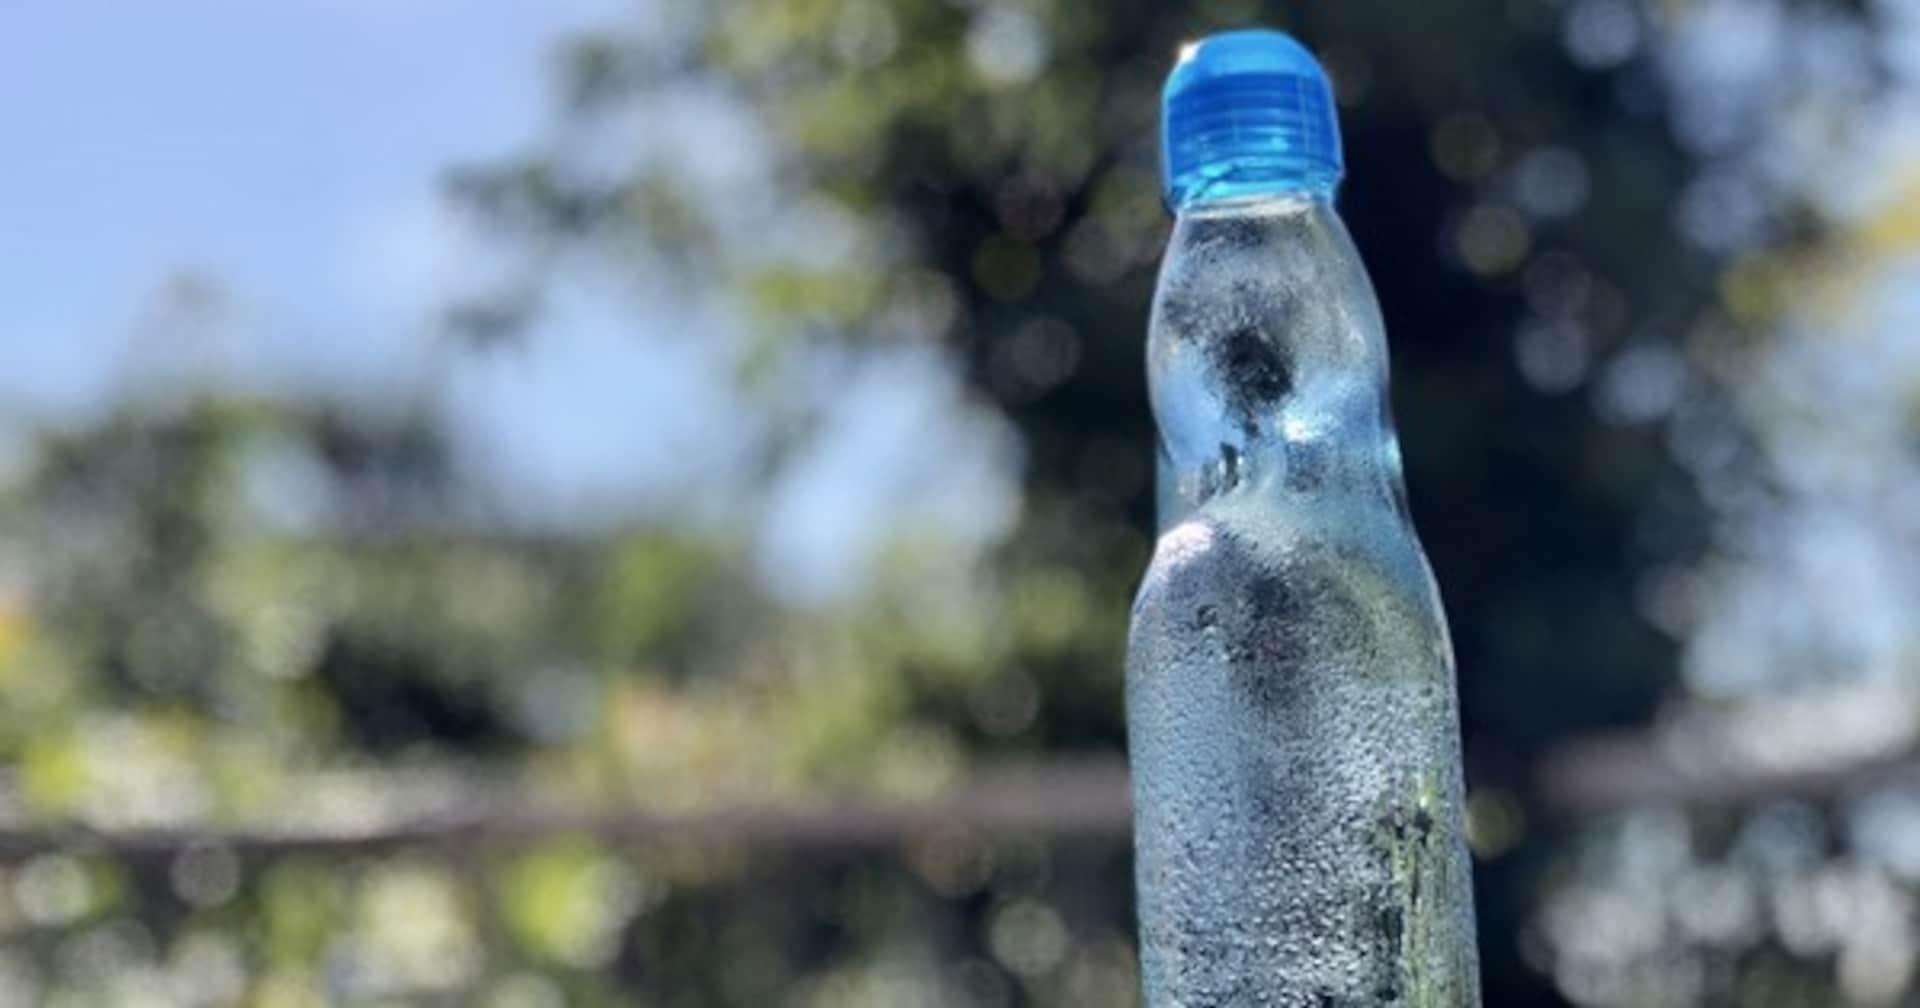 ラムネの瓶にビー玉が入っている意外過ぎる理由が判明!! え、中身はサイダーと同じってホント?